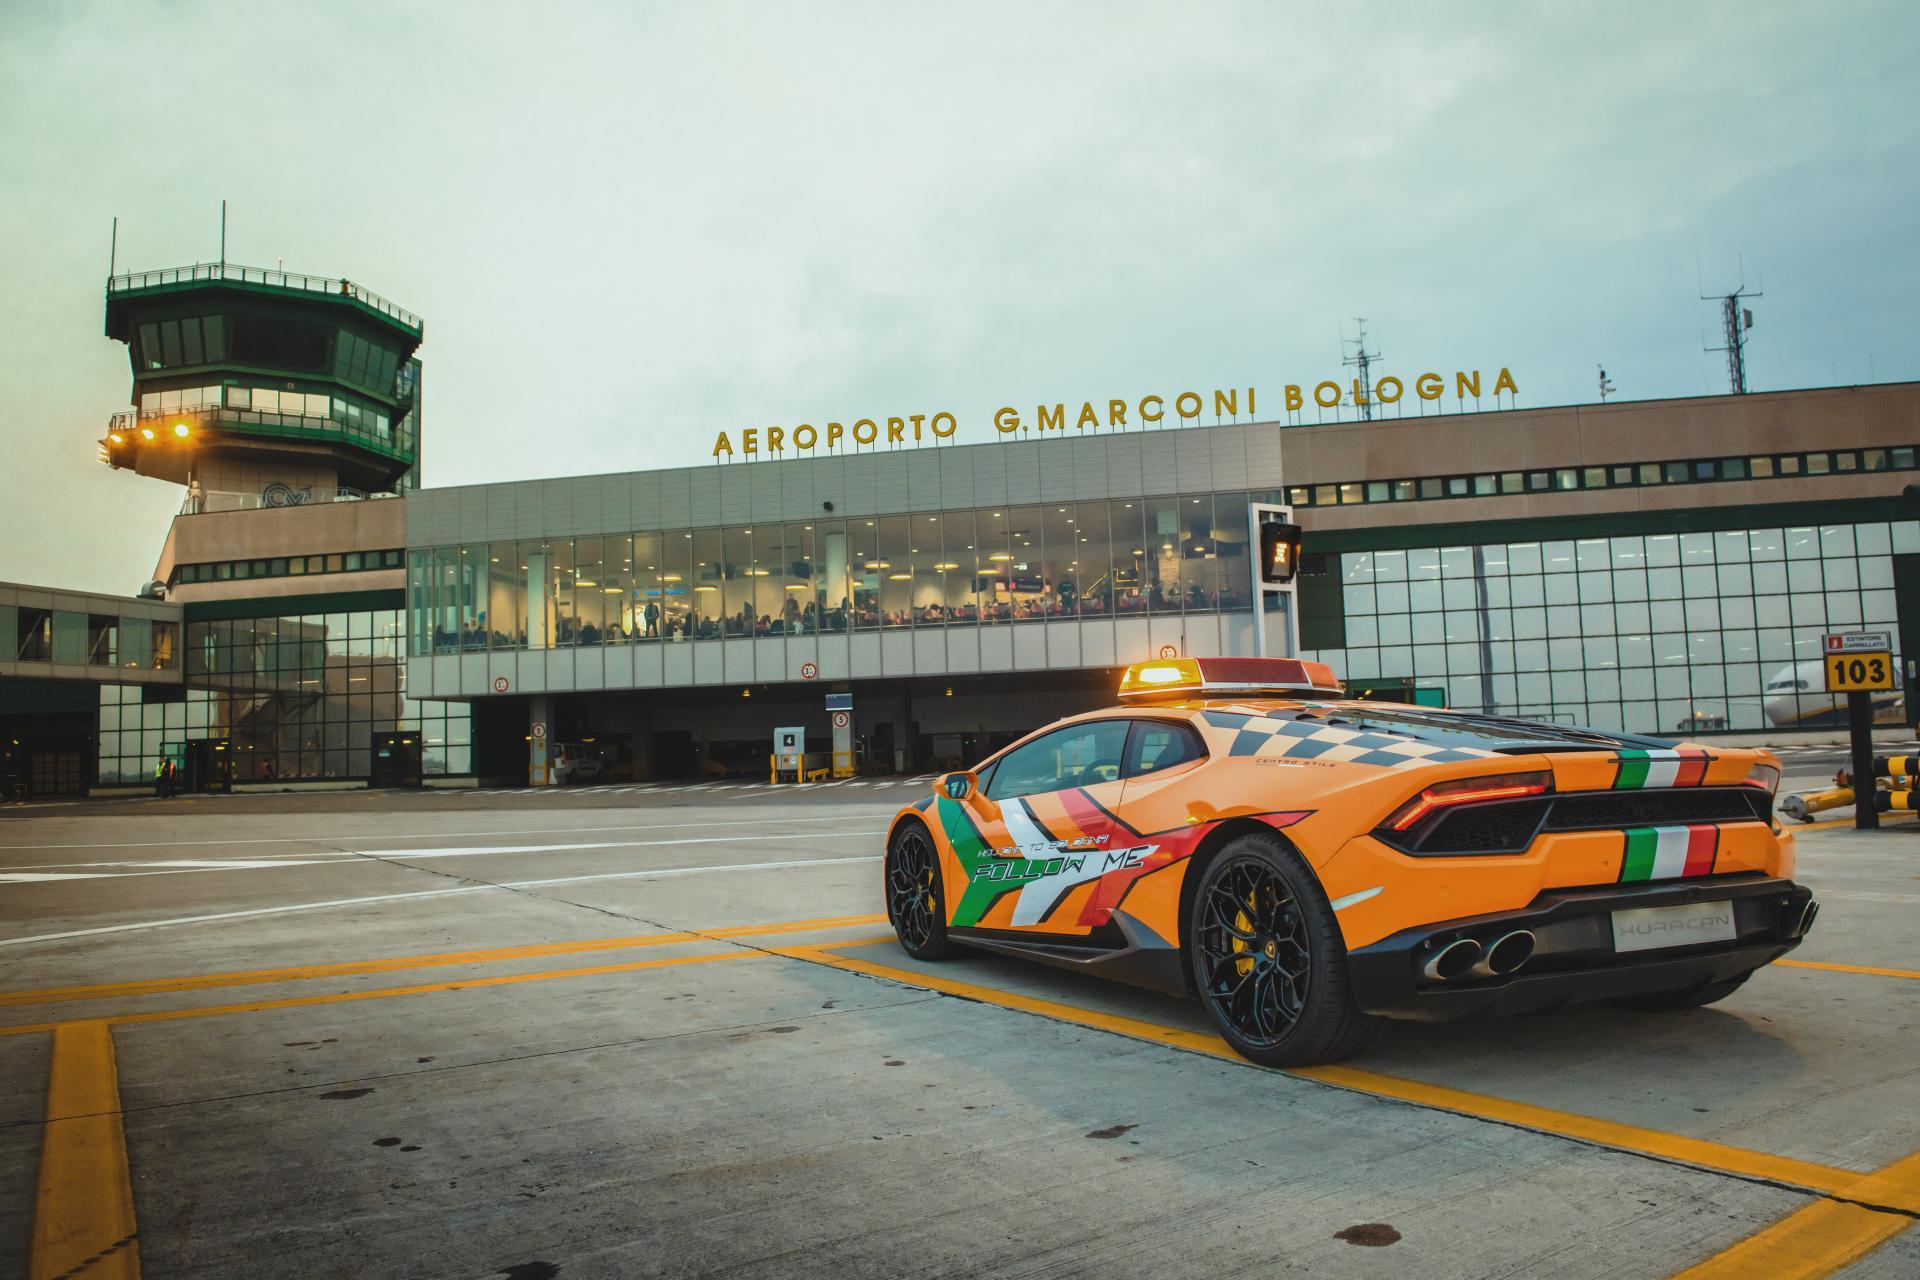 Lamborghini-Huracan-RWD-Follow-Me-Car-Bologna-Airport-6